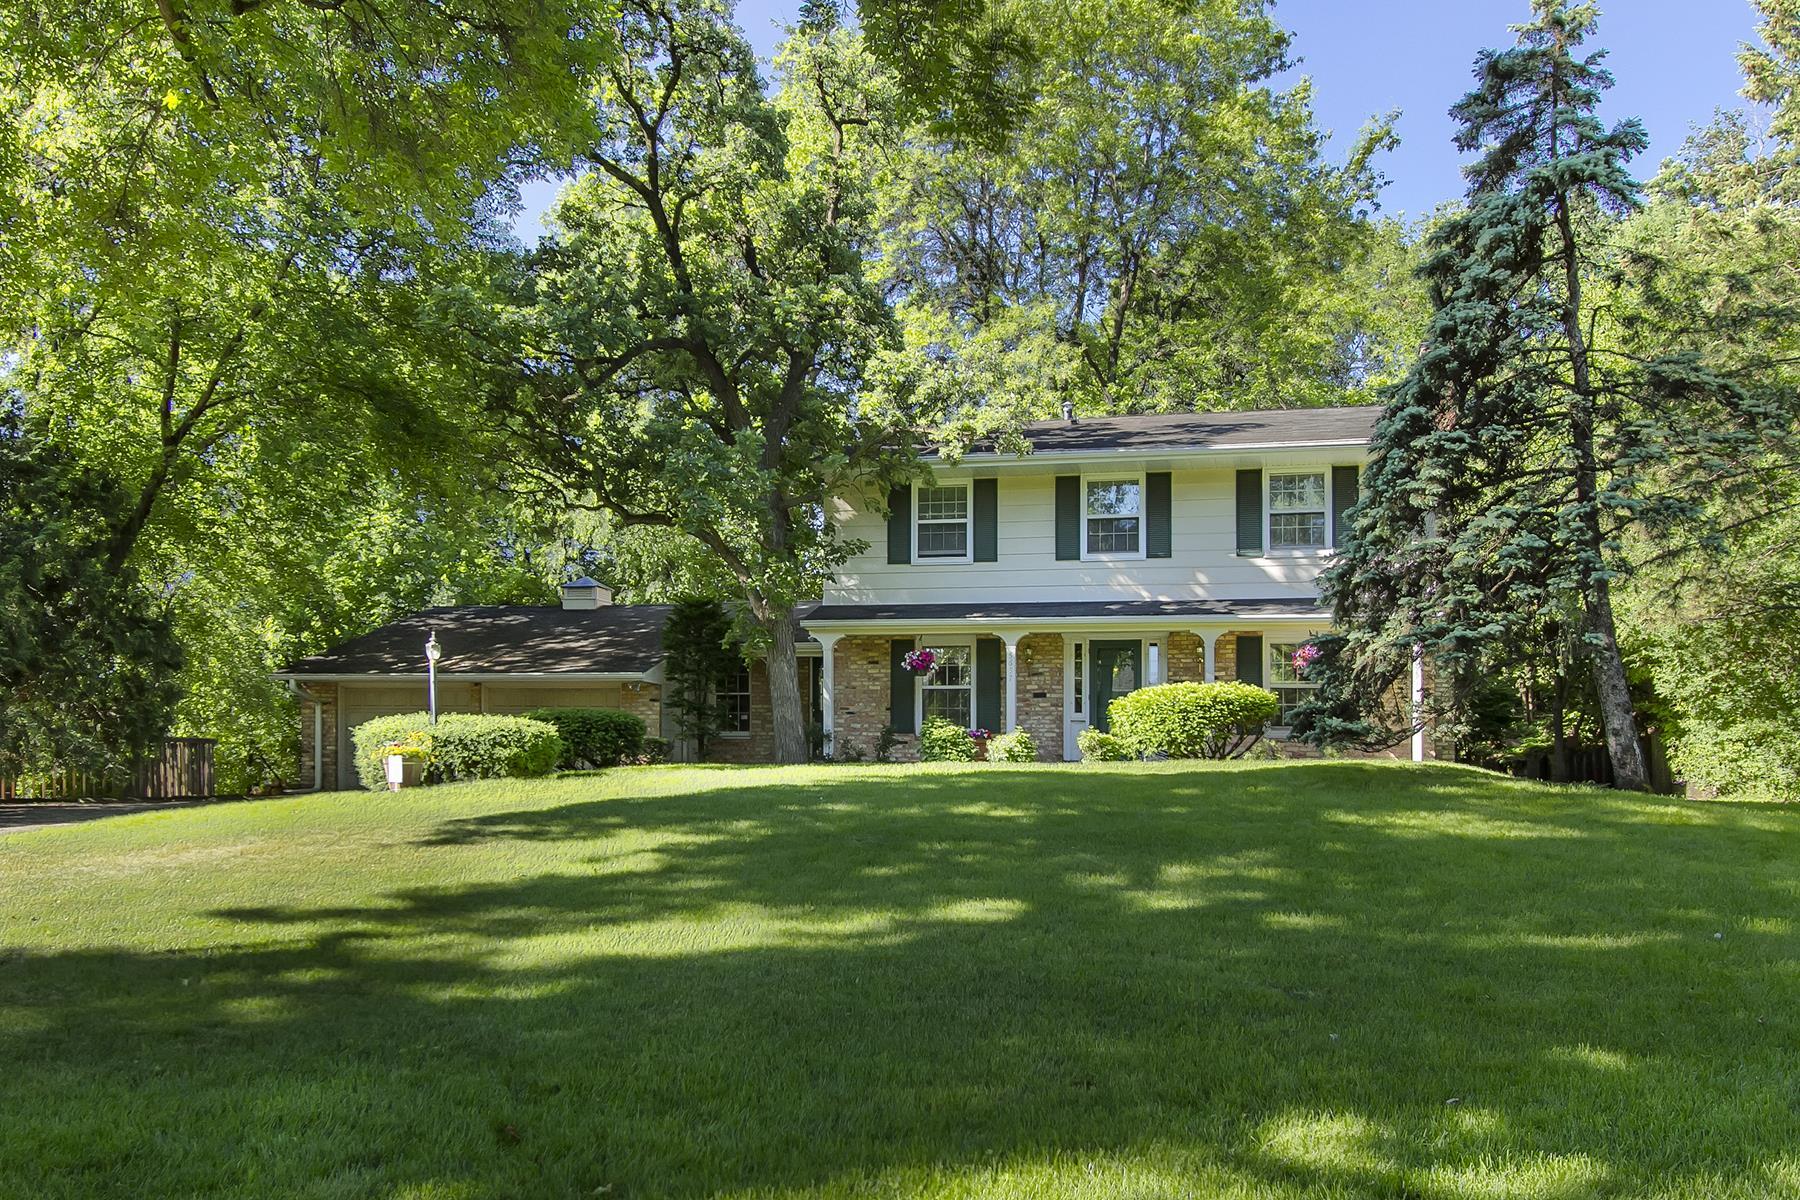 独户住宅 为 销售 在 5657 Woodcrest Drive 伊代纳, 明尼苏达州, 55424 美国